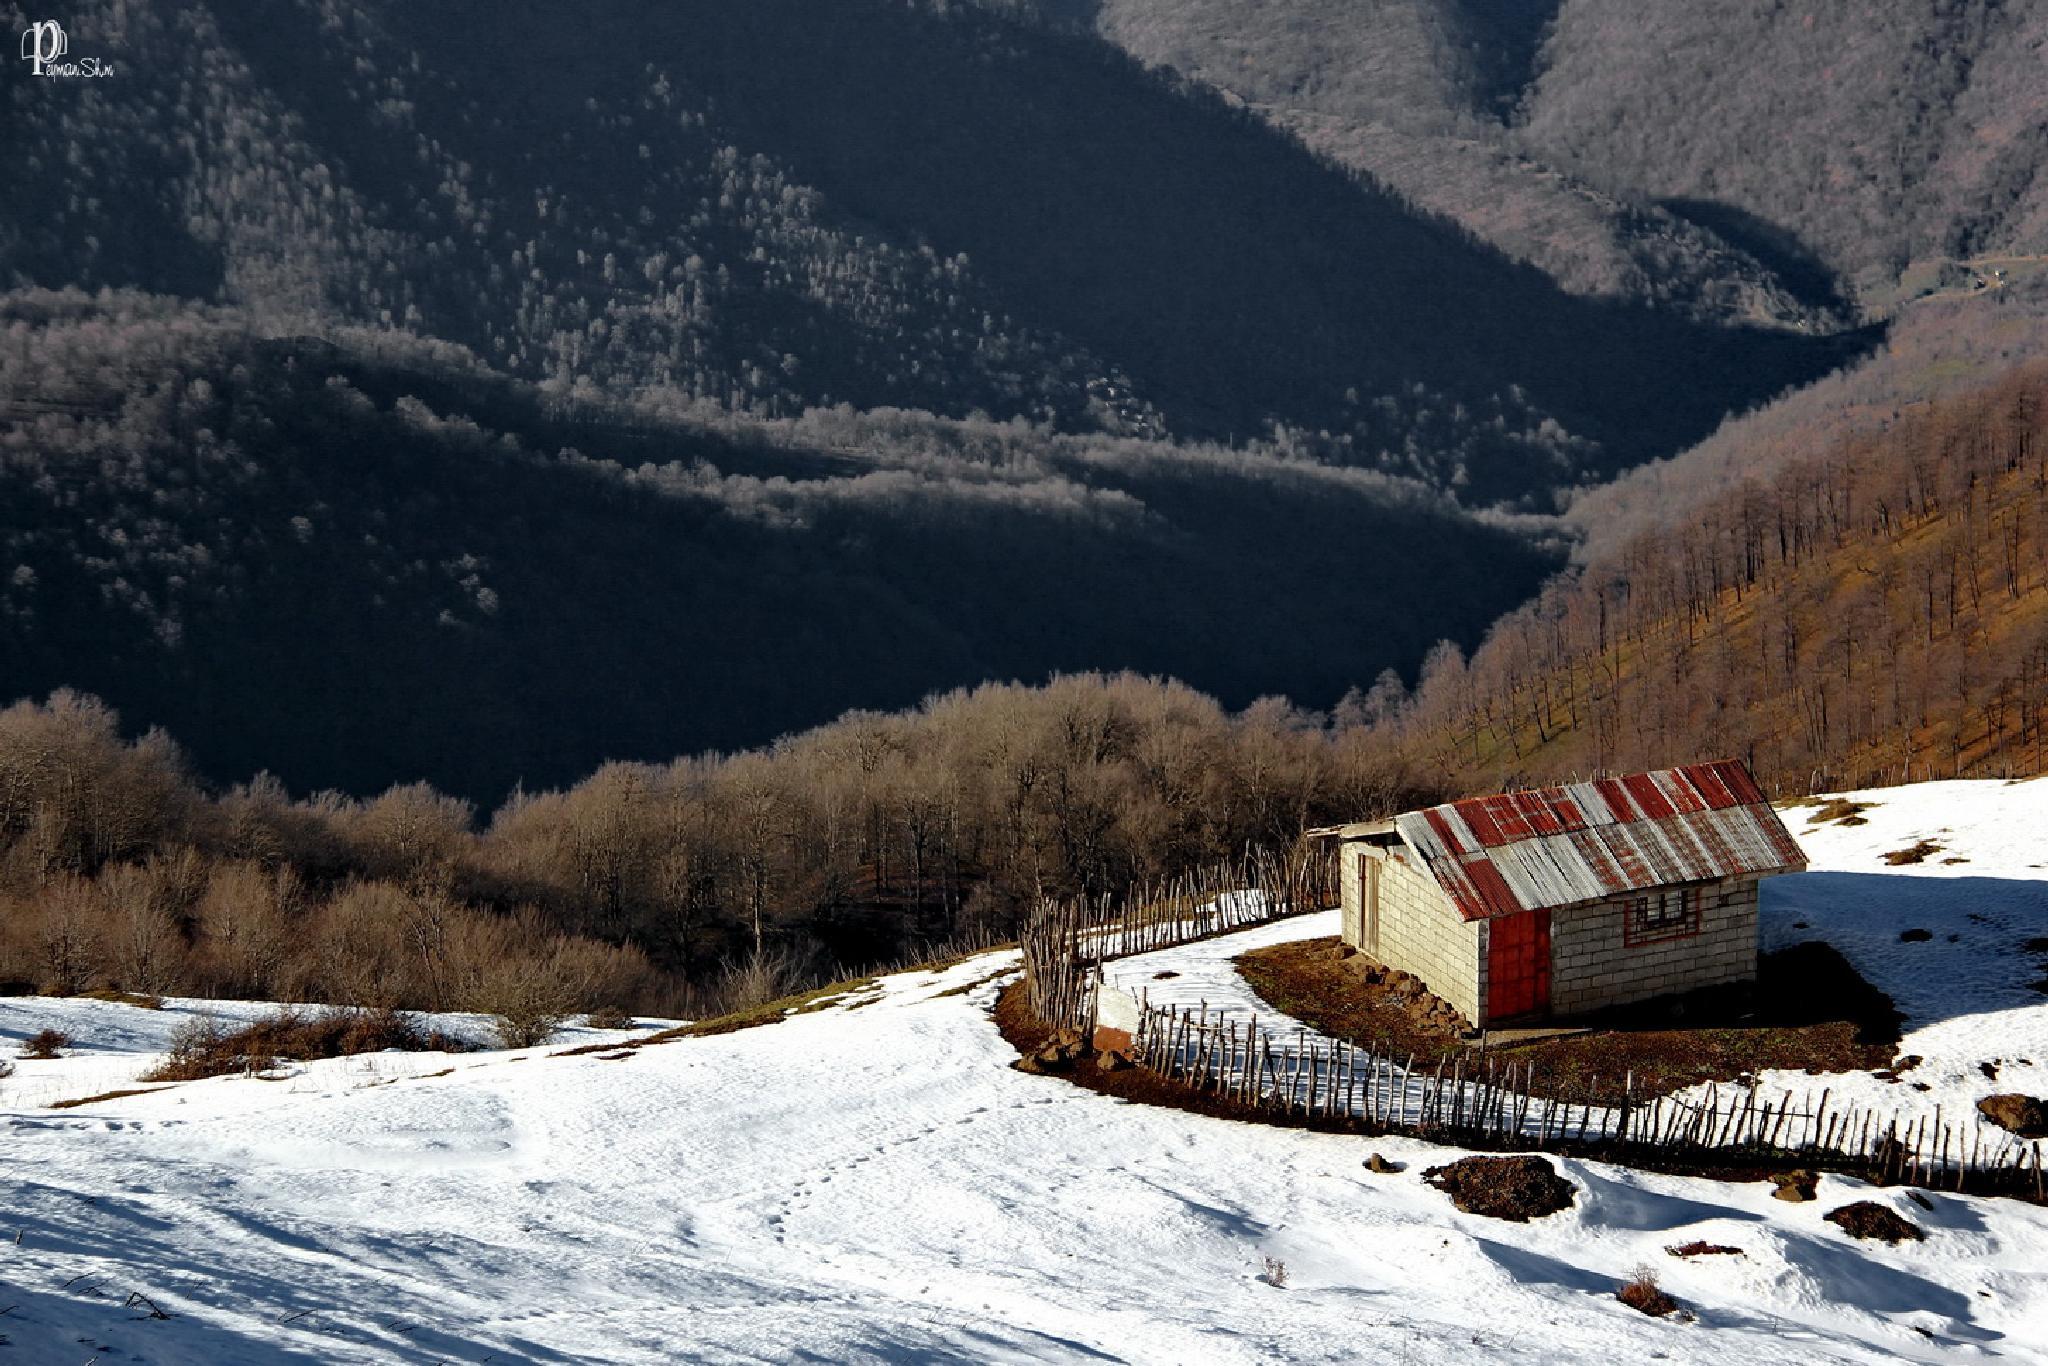 Winter by Peyman shm